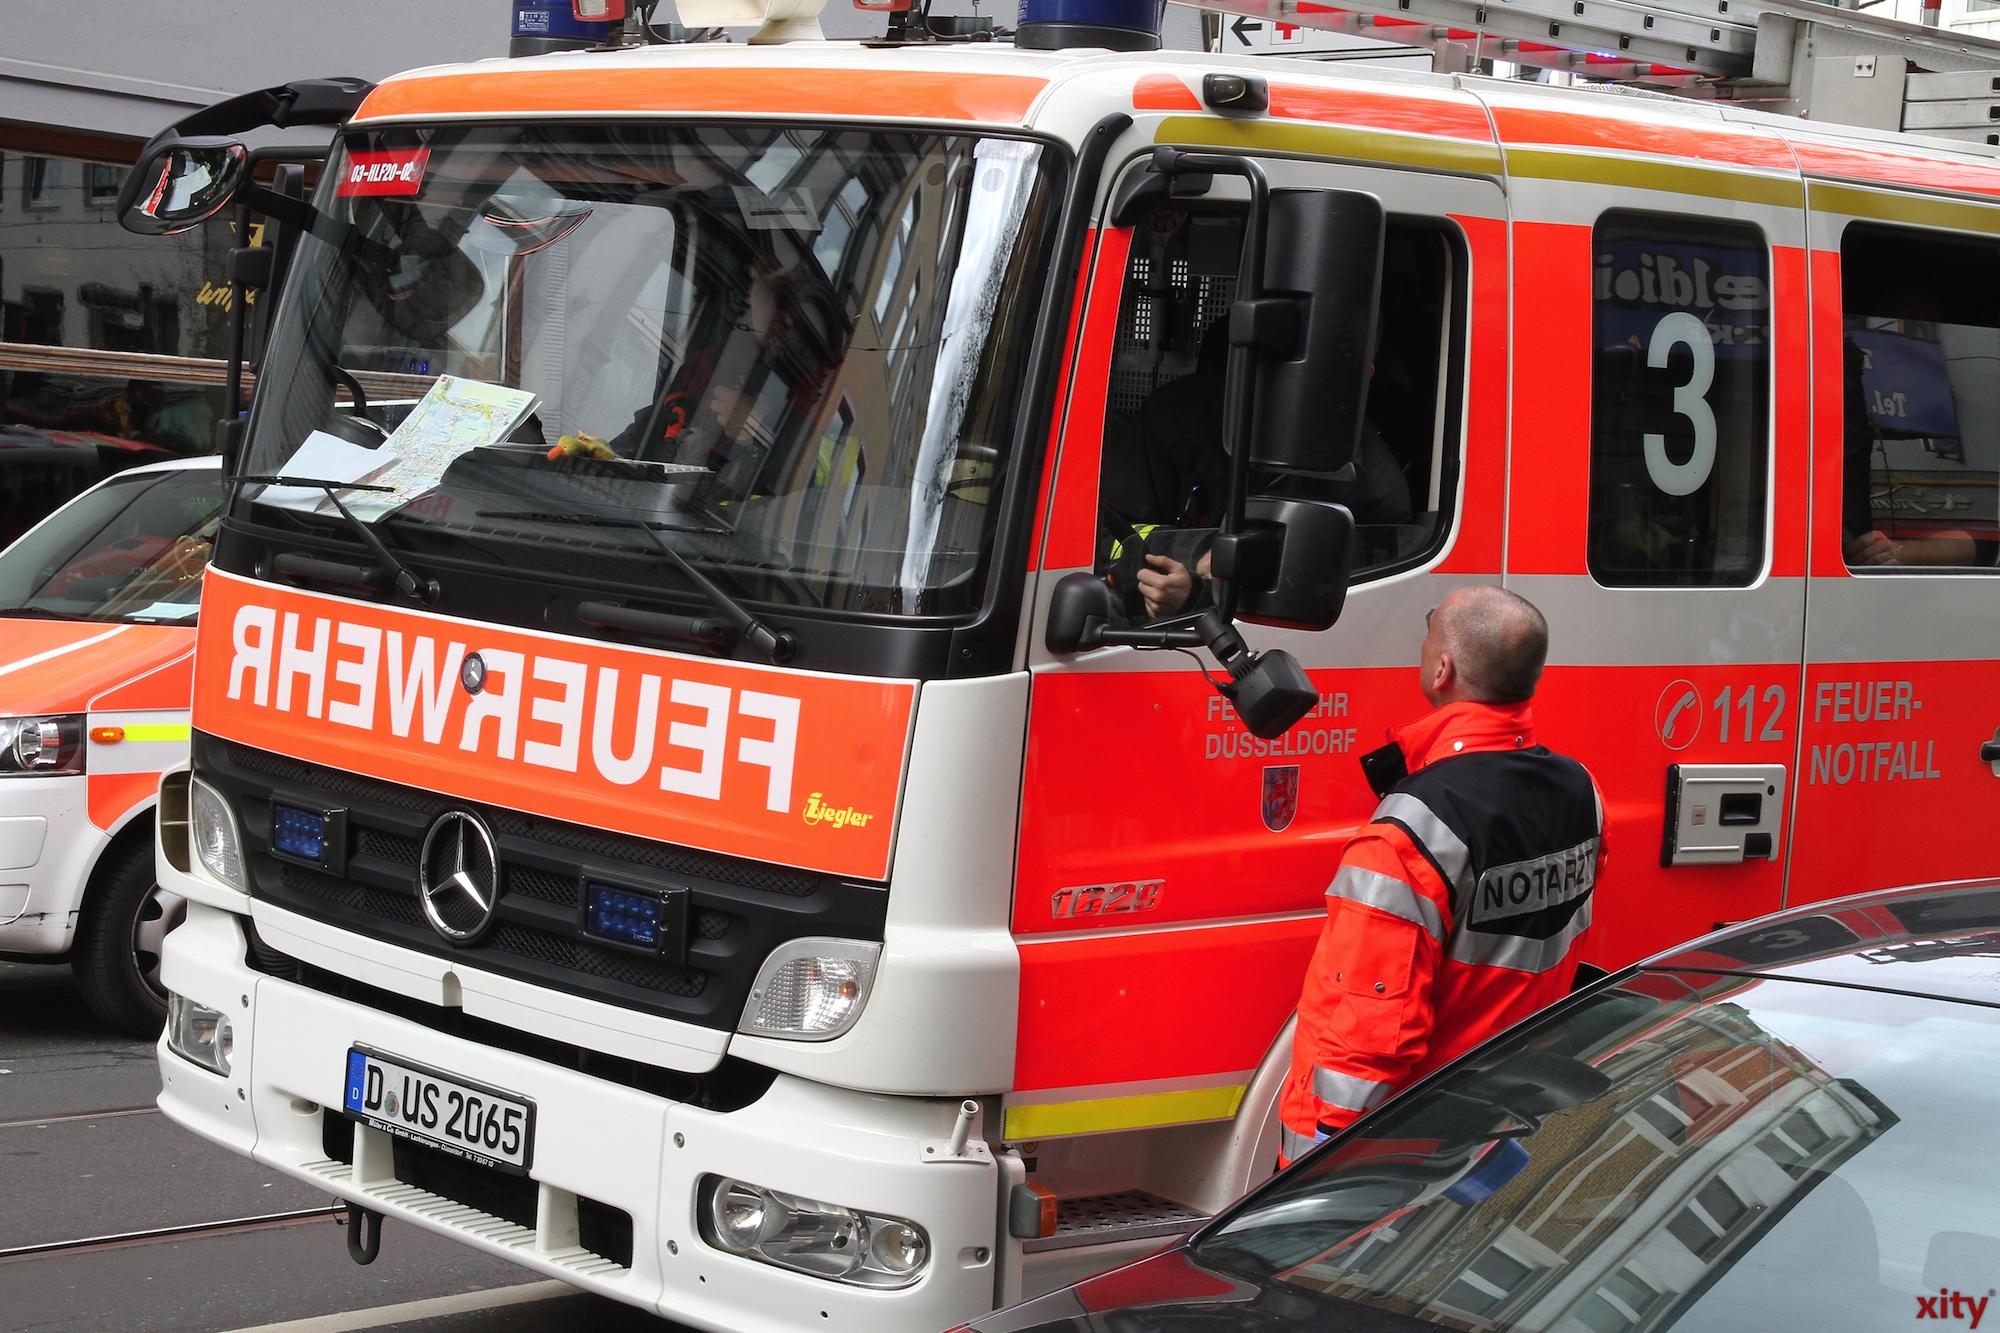 Die Feuerwehr war schnell mit Einsatzfahrzeugen vor Ort (Foto: xity)